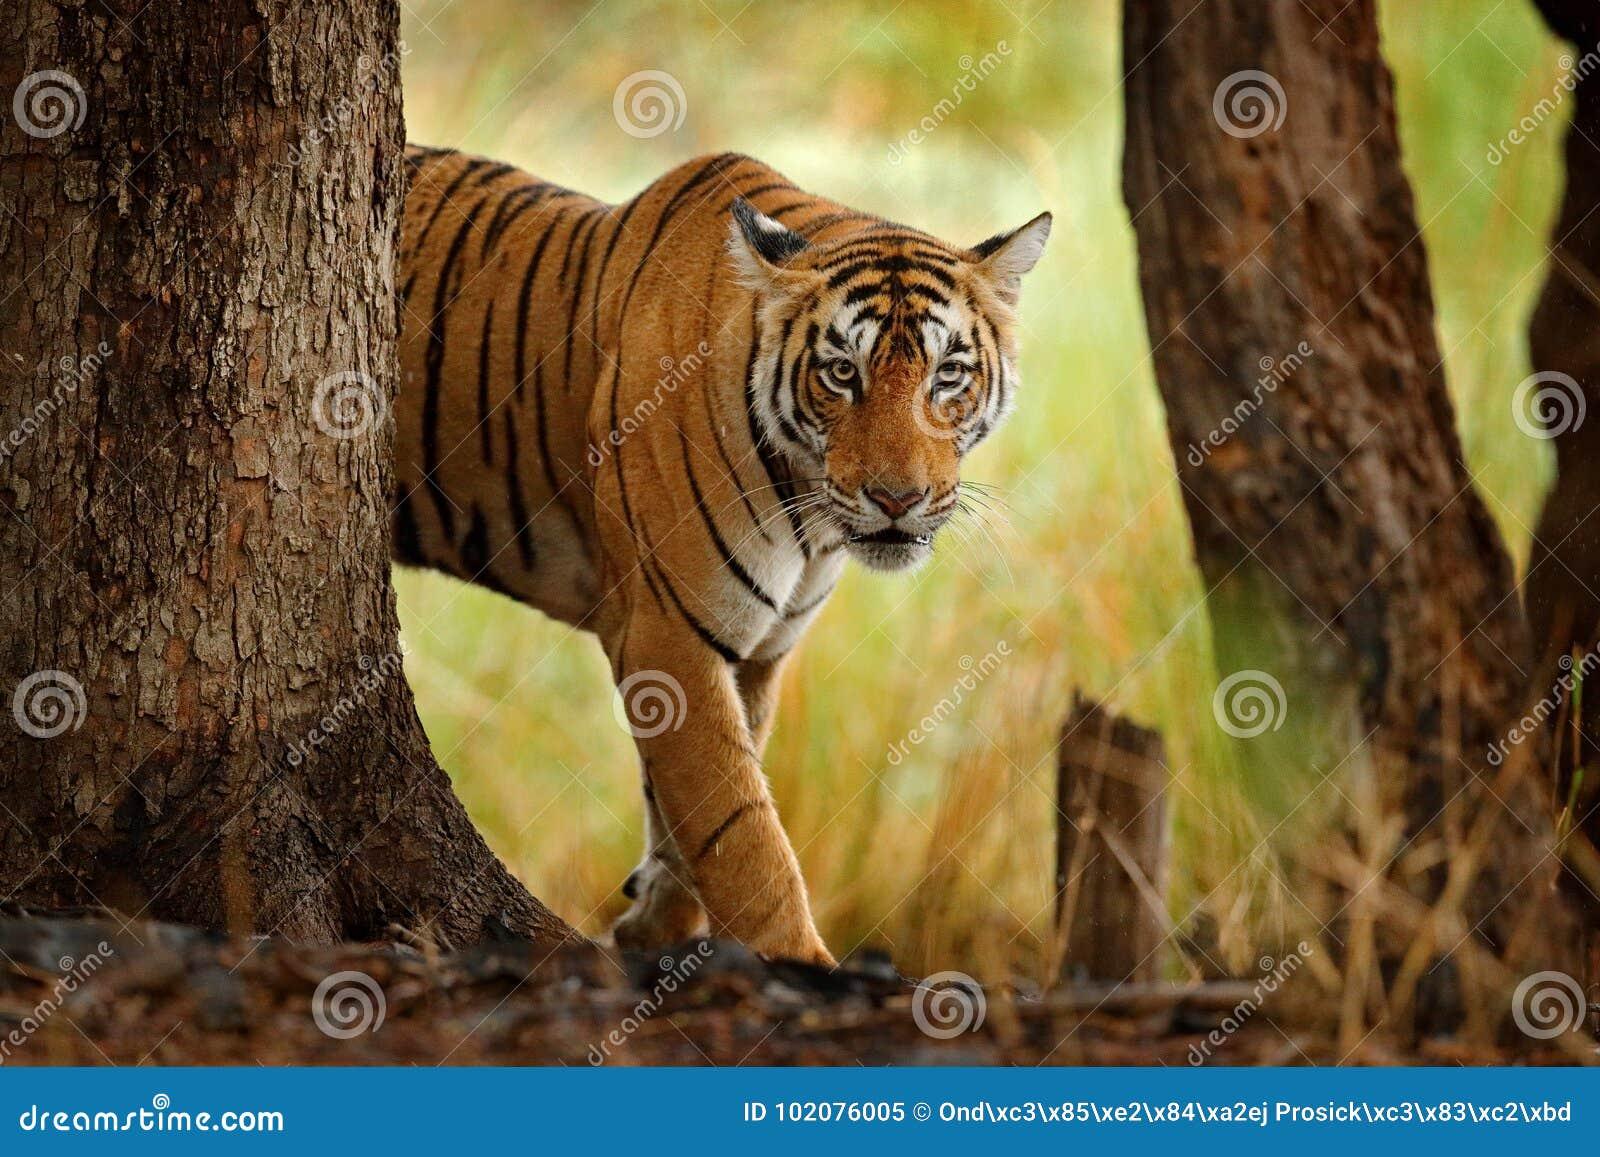 Tigre que camina en tigre indio del bosque seco viejo con la primera lluvia, animal salvaje en el hábitat de la naturaleza, Ranth